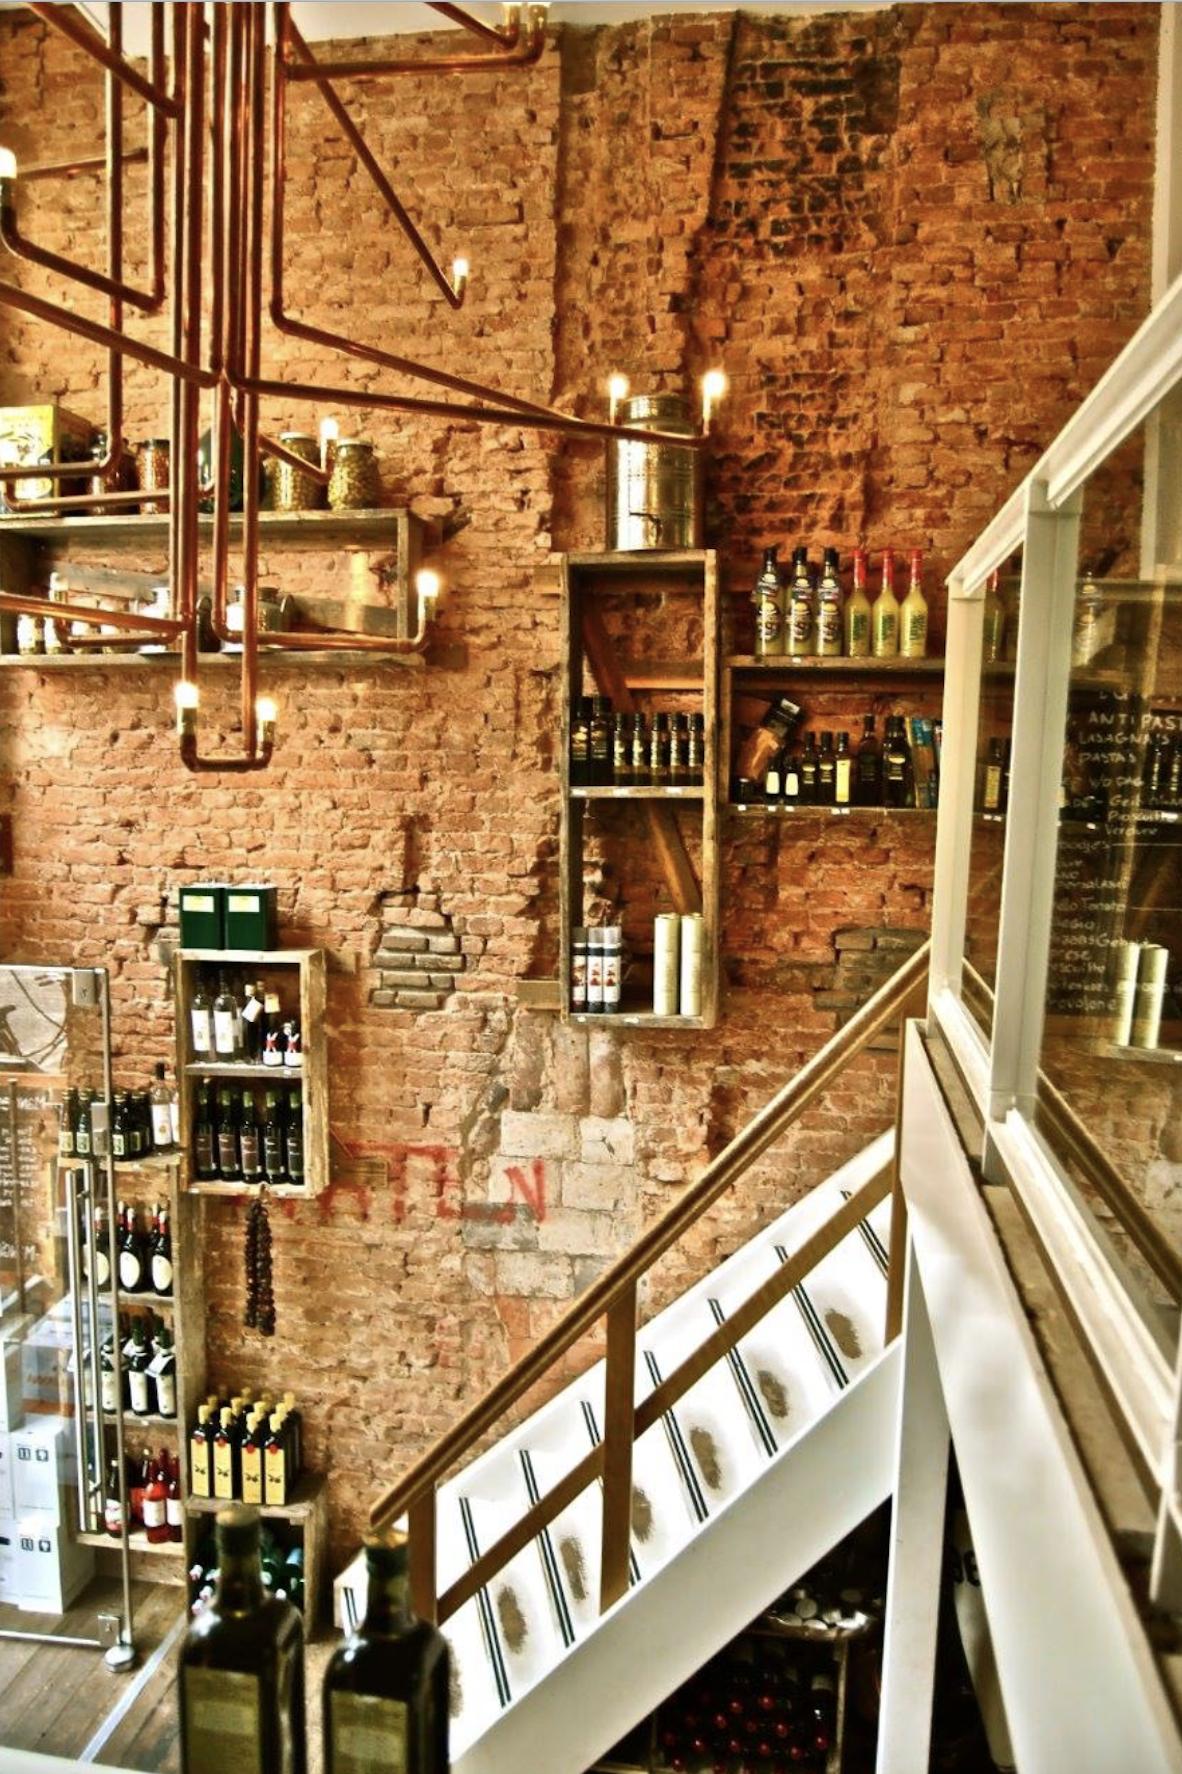 Informatie over Italiaans restaurant Mangiare in de Van Oldenbarneveltstraat in Rotterdam. Hier vind je algemene informatie over Mangiare, de openingstijden en contactgegevens.